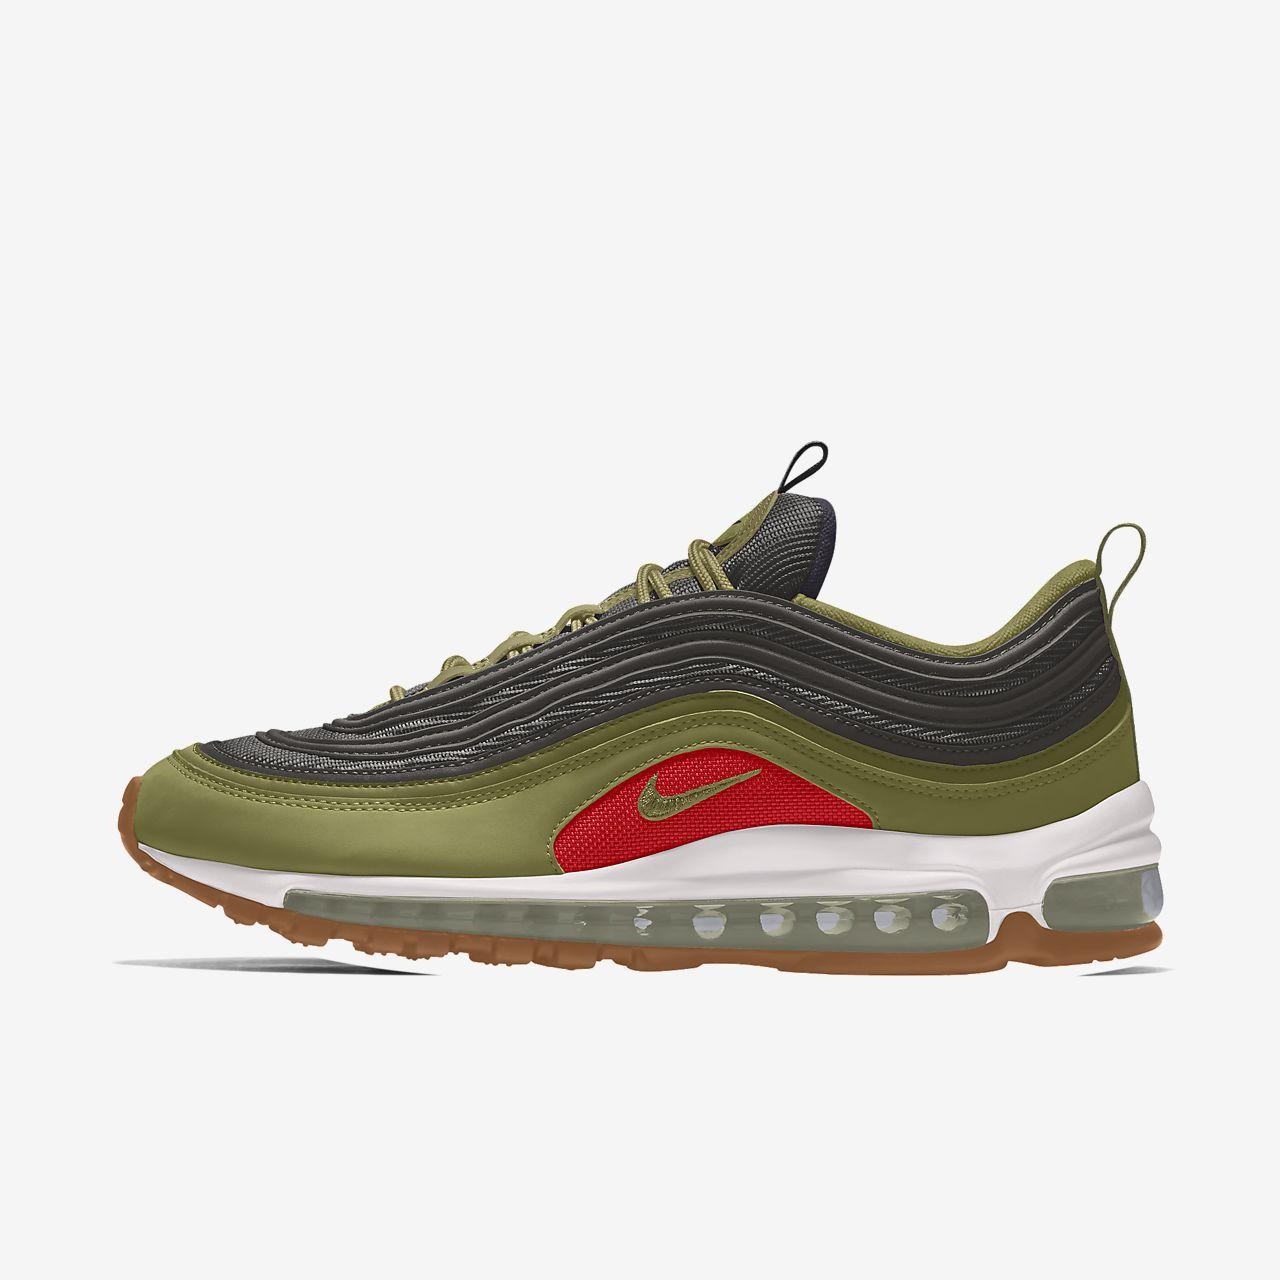 Calzado para mujer personalizado Nike Air Max 97 By You